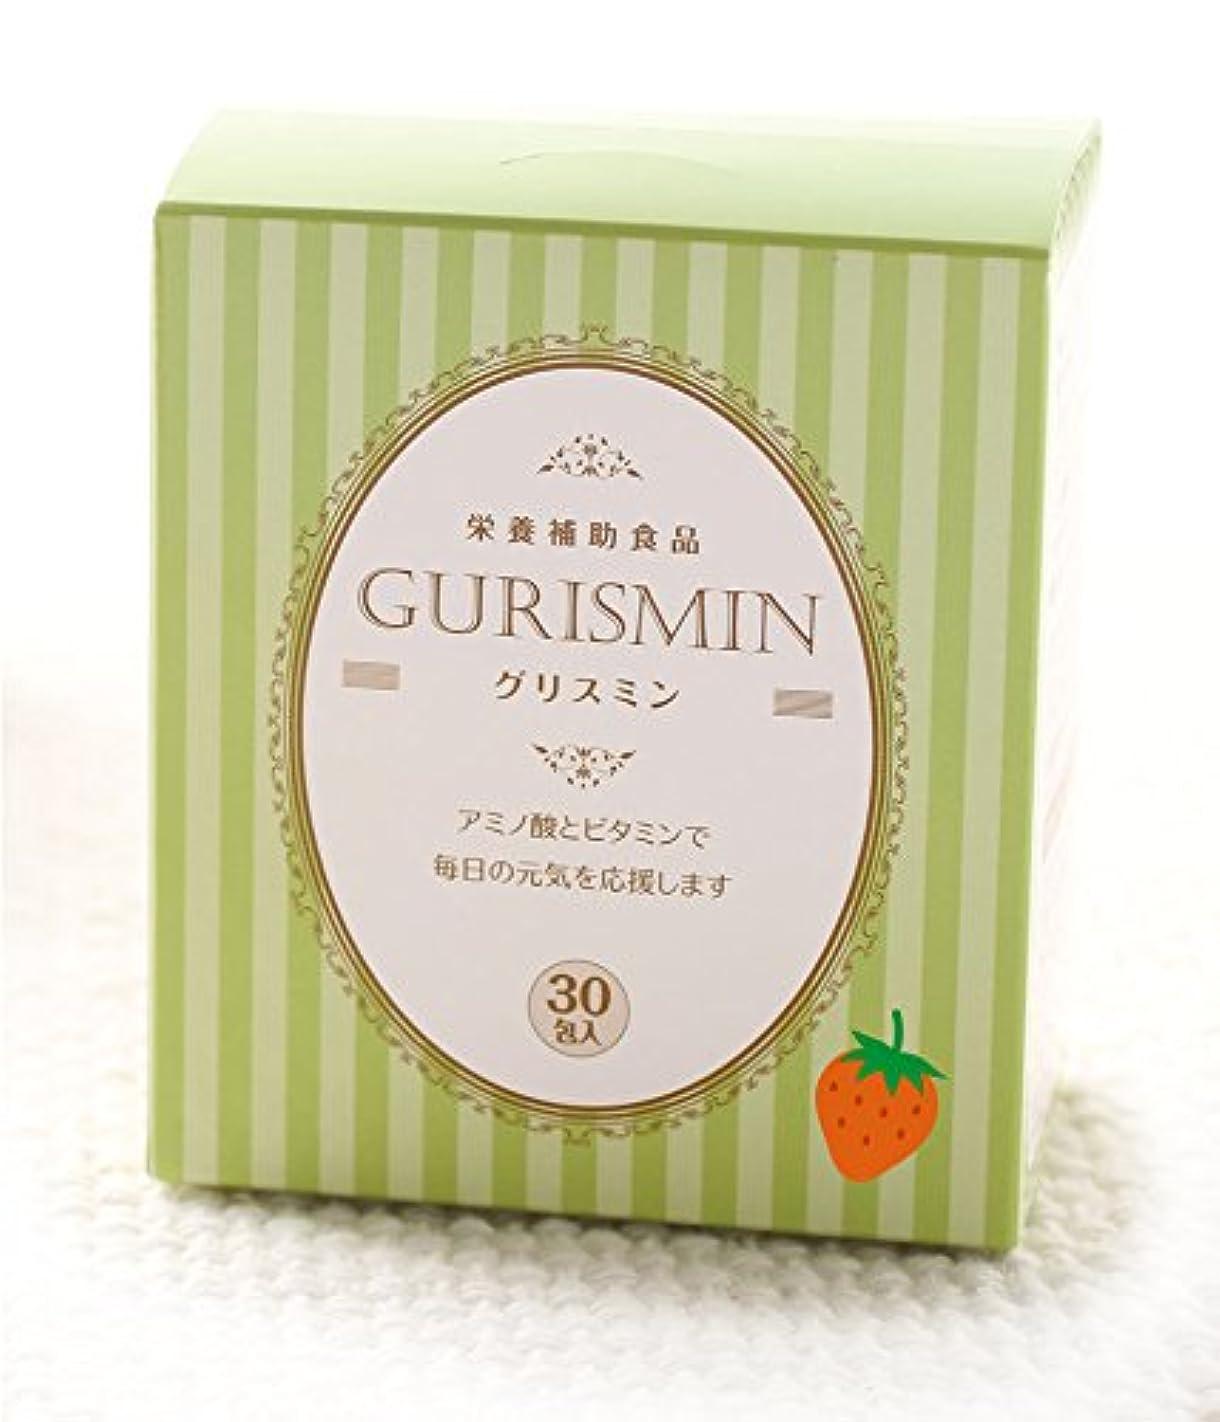 うなずくつぼみ定期的グリスミン いちごヨーグルト味 30包入